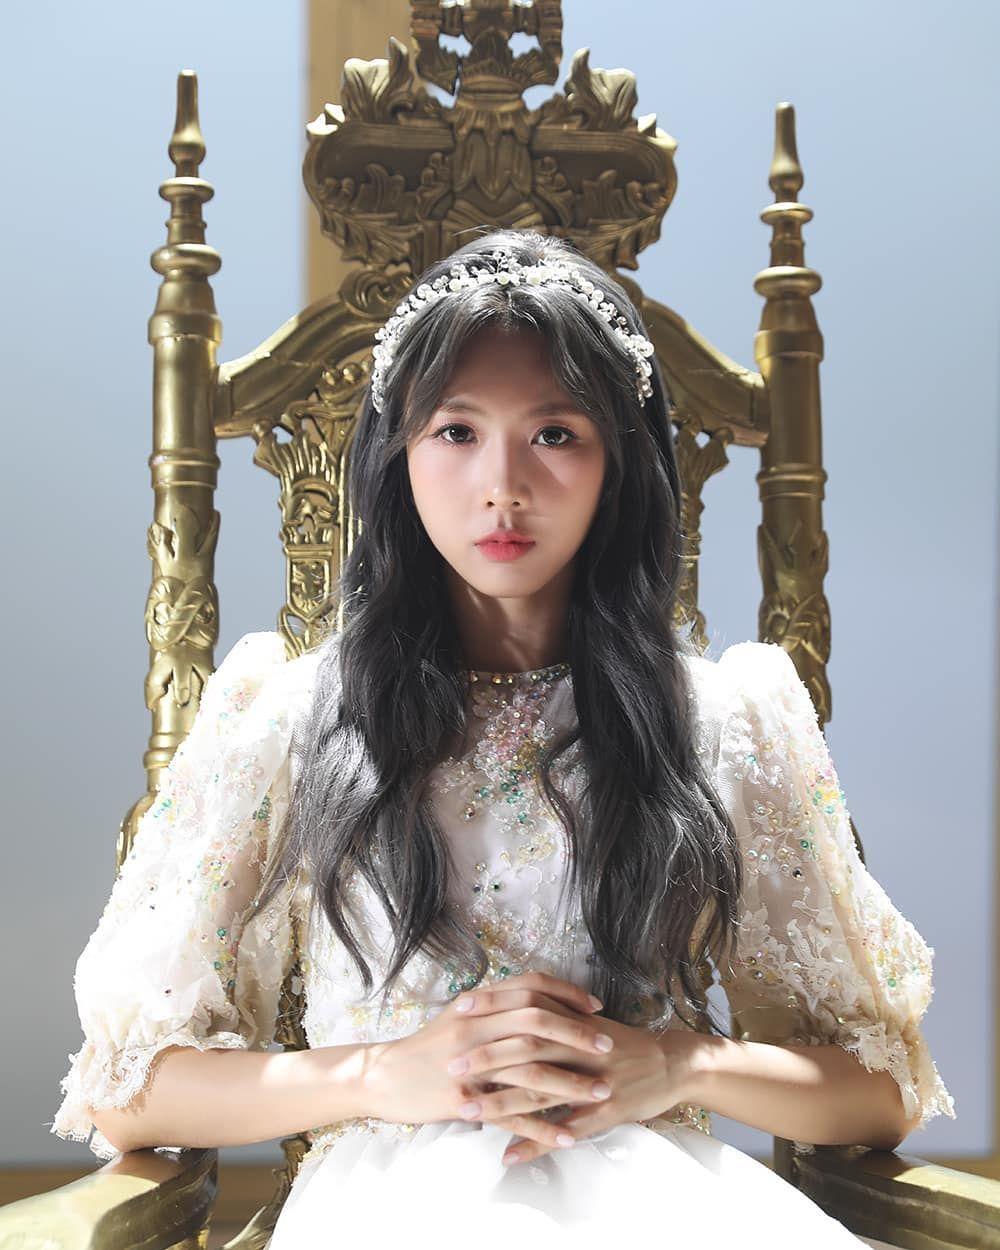 드림캐쳐 Dreamcatcher On Instagram 드림캐쳐 Dreamcatcher Raid Of Dream Behind 유현 Yoohyeon Dream Catcher Kpop Girls Girl